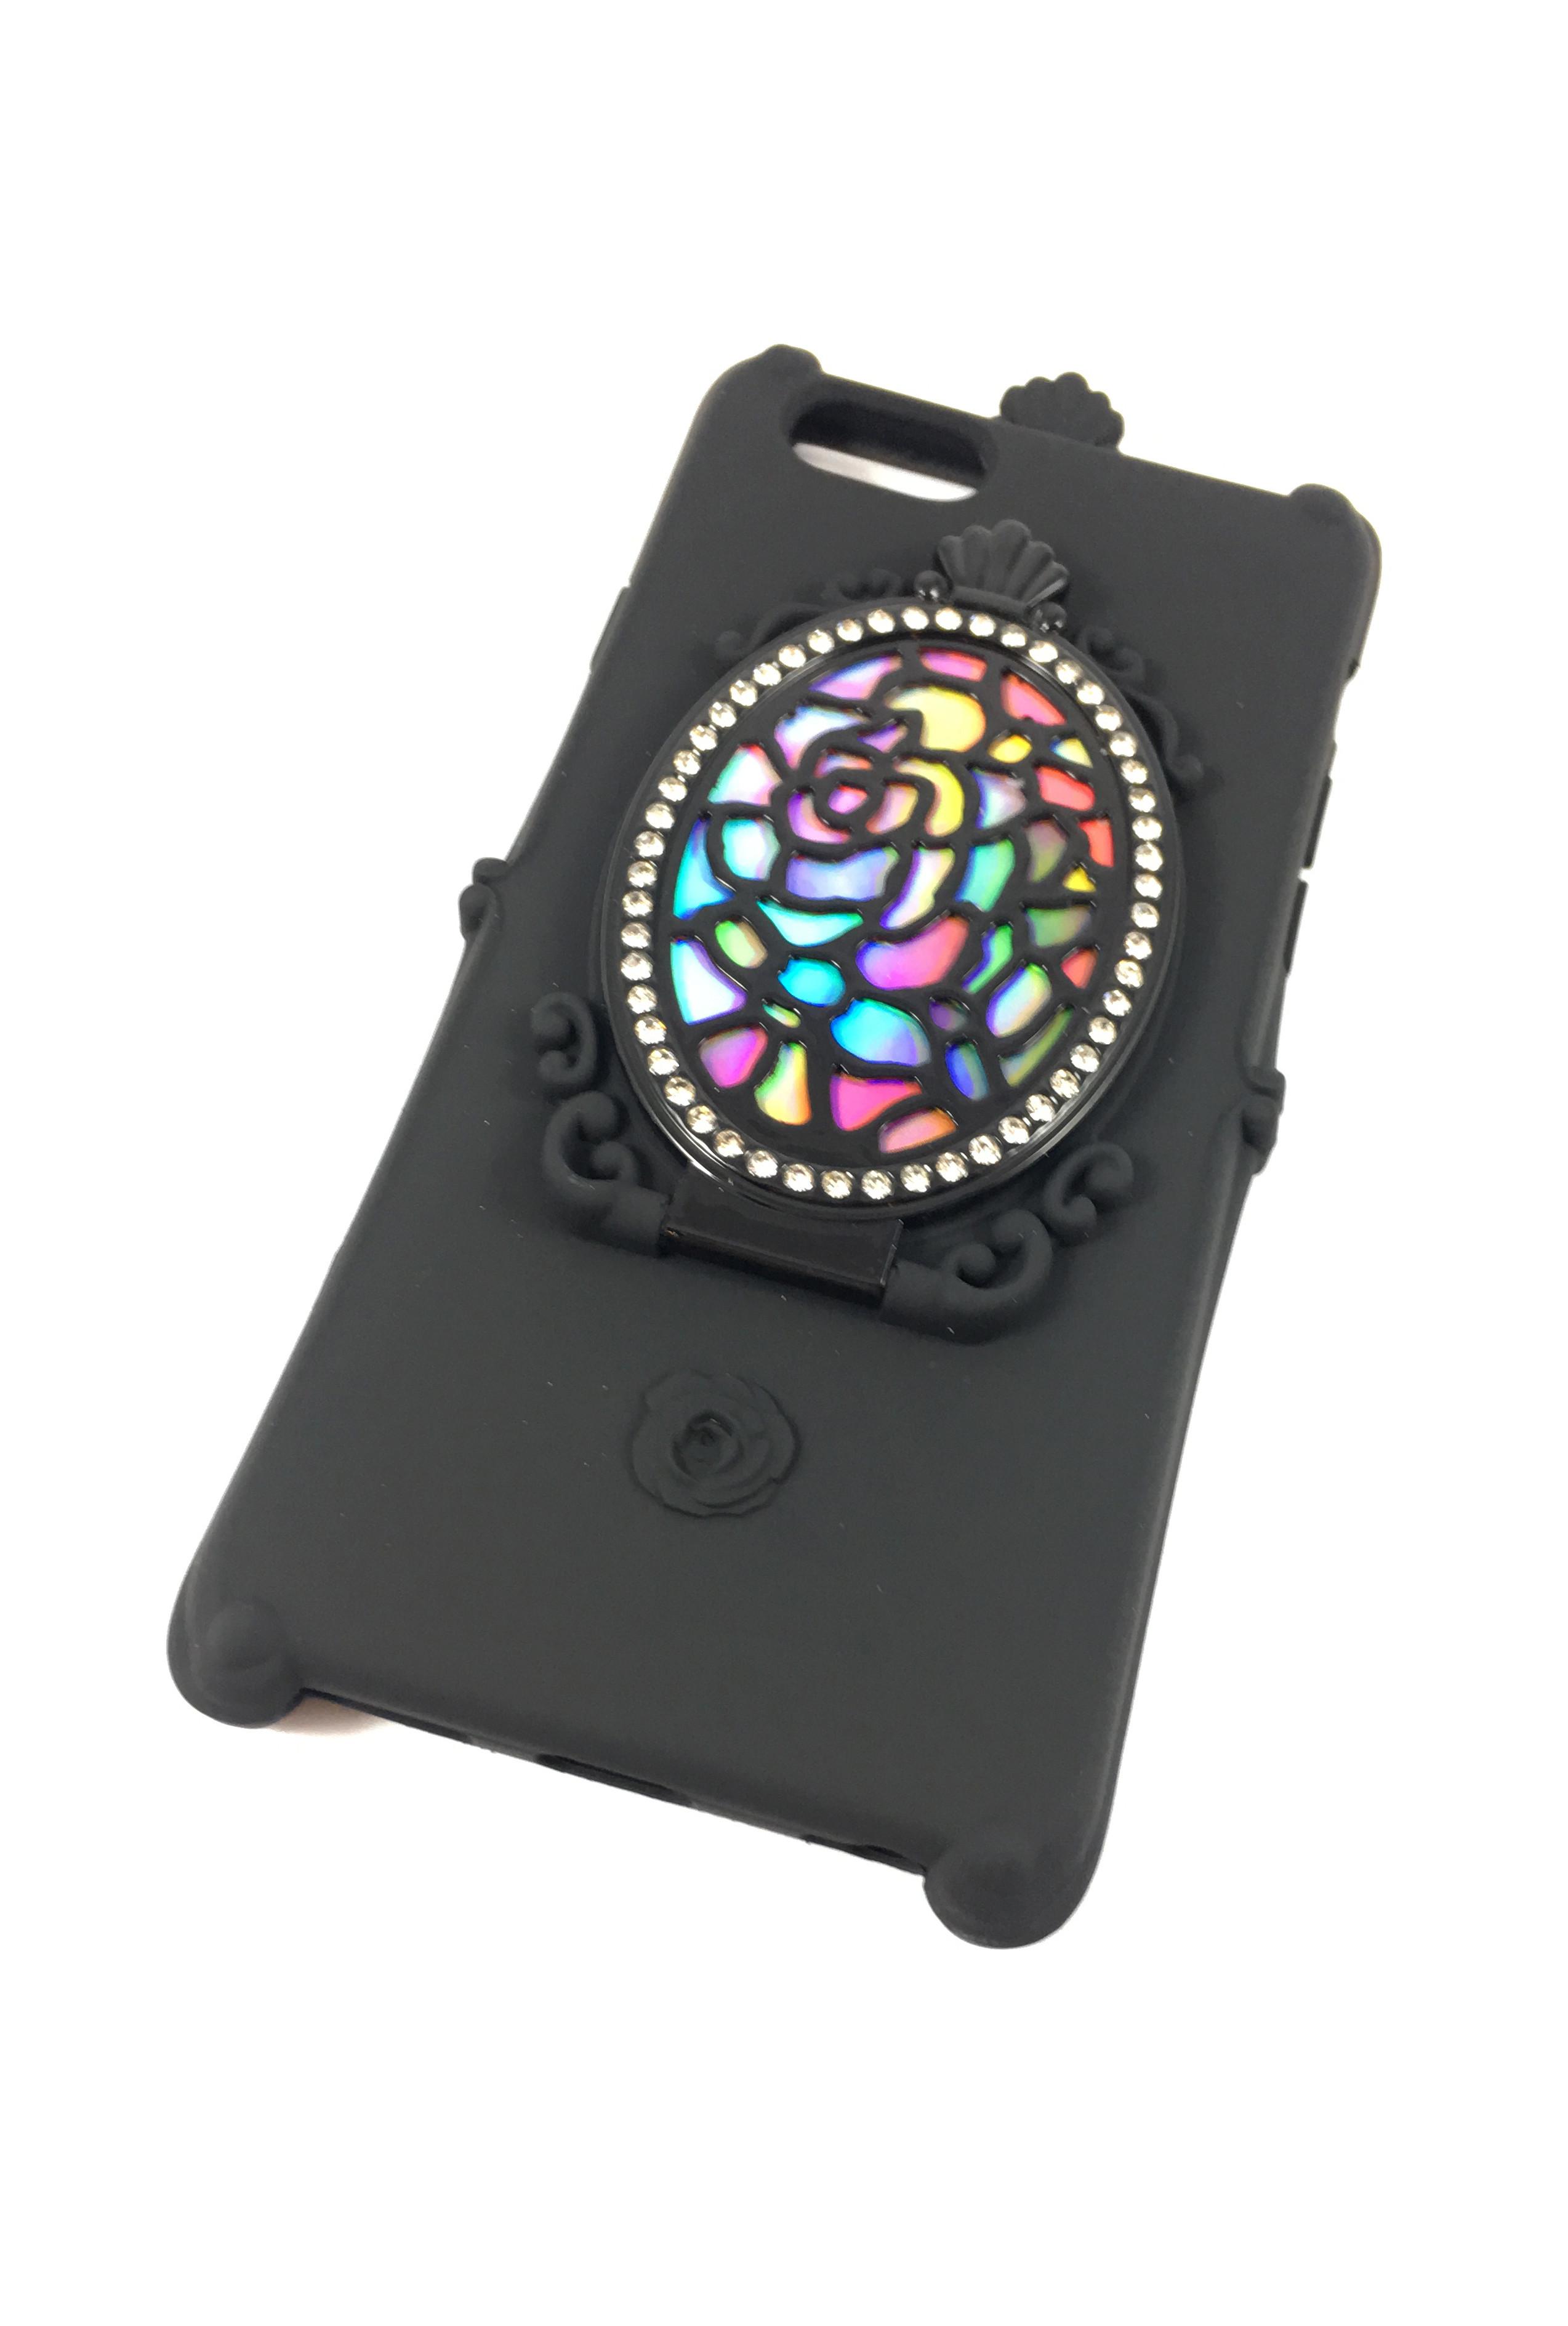 iPhone Case - Magic Mirror iPhone 6 Case in Black